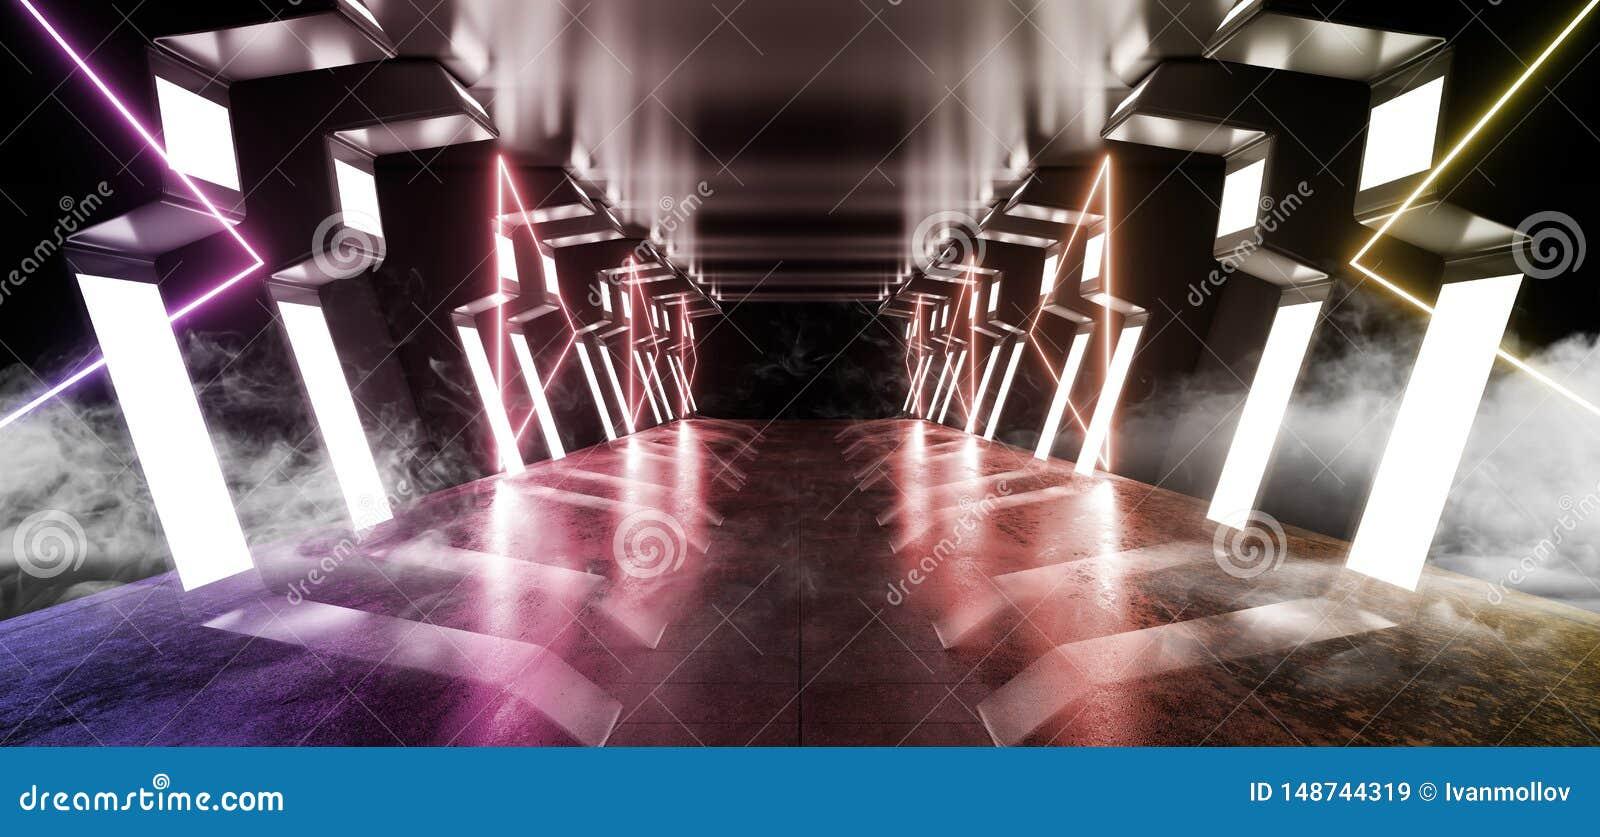 烟走廊太空飞船真正未来派科学幻想小说现代光滑的金属反射性外籍人入口走廊隧道黑暗的激光